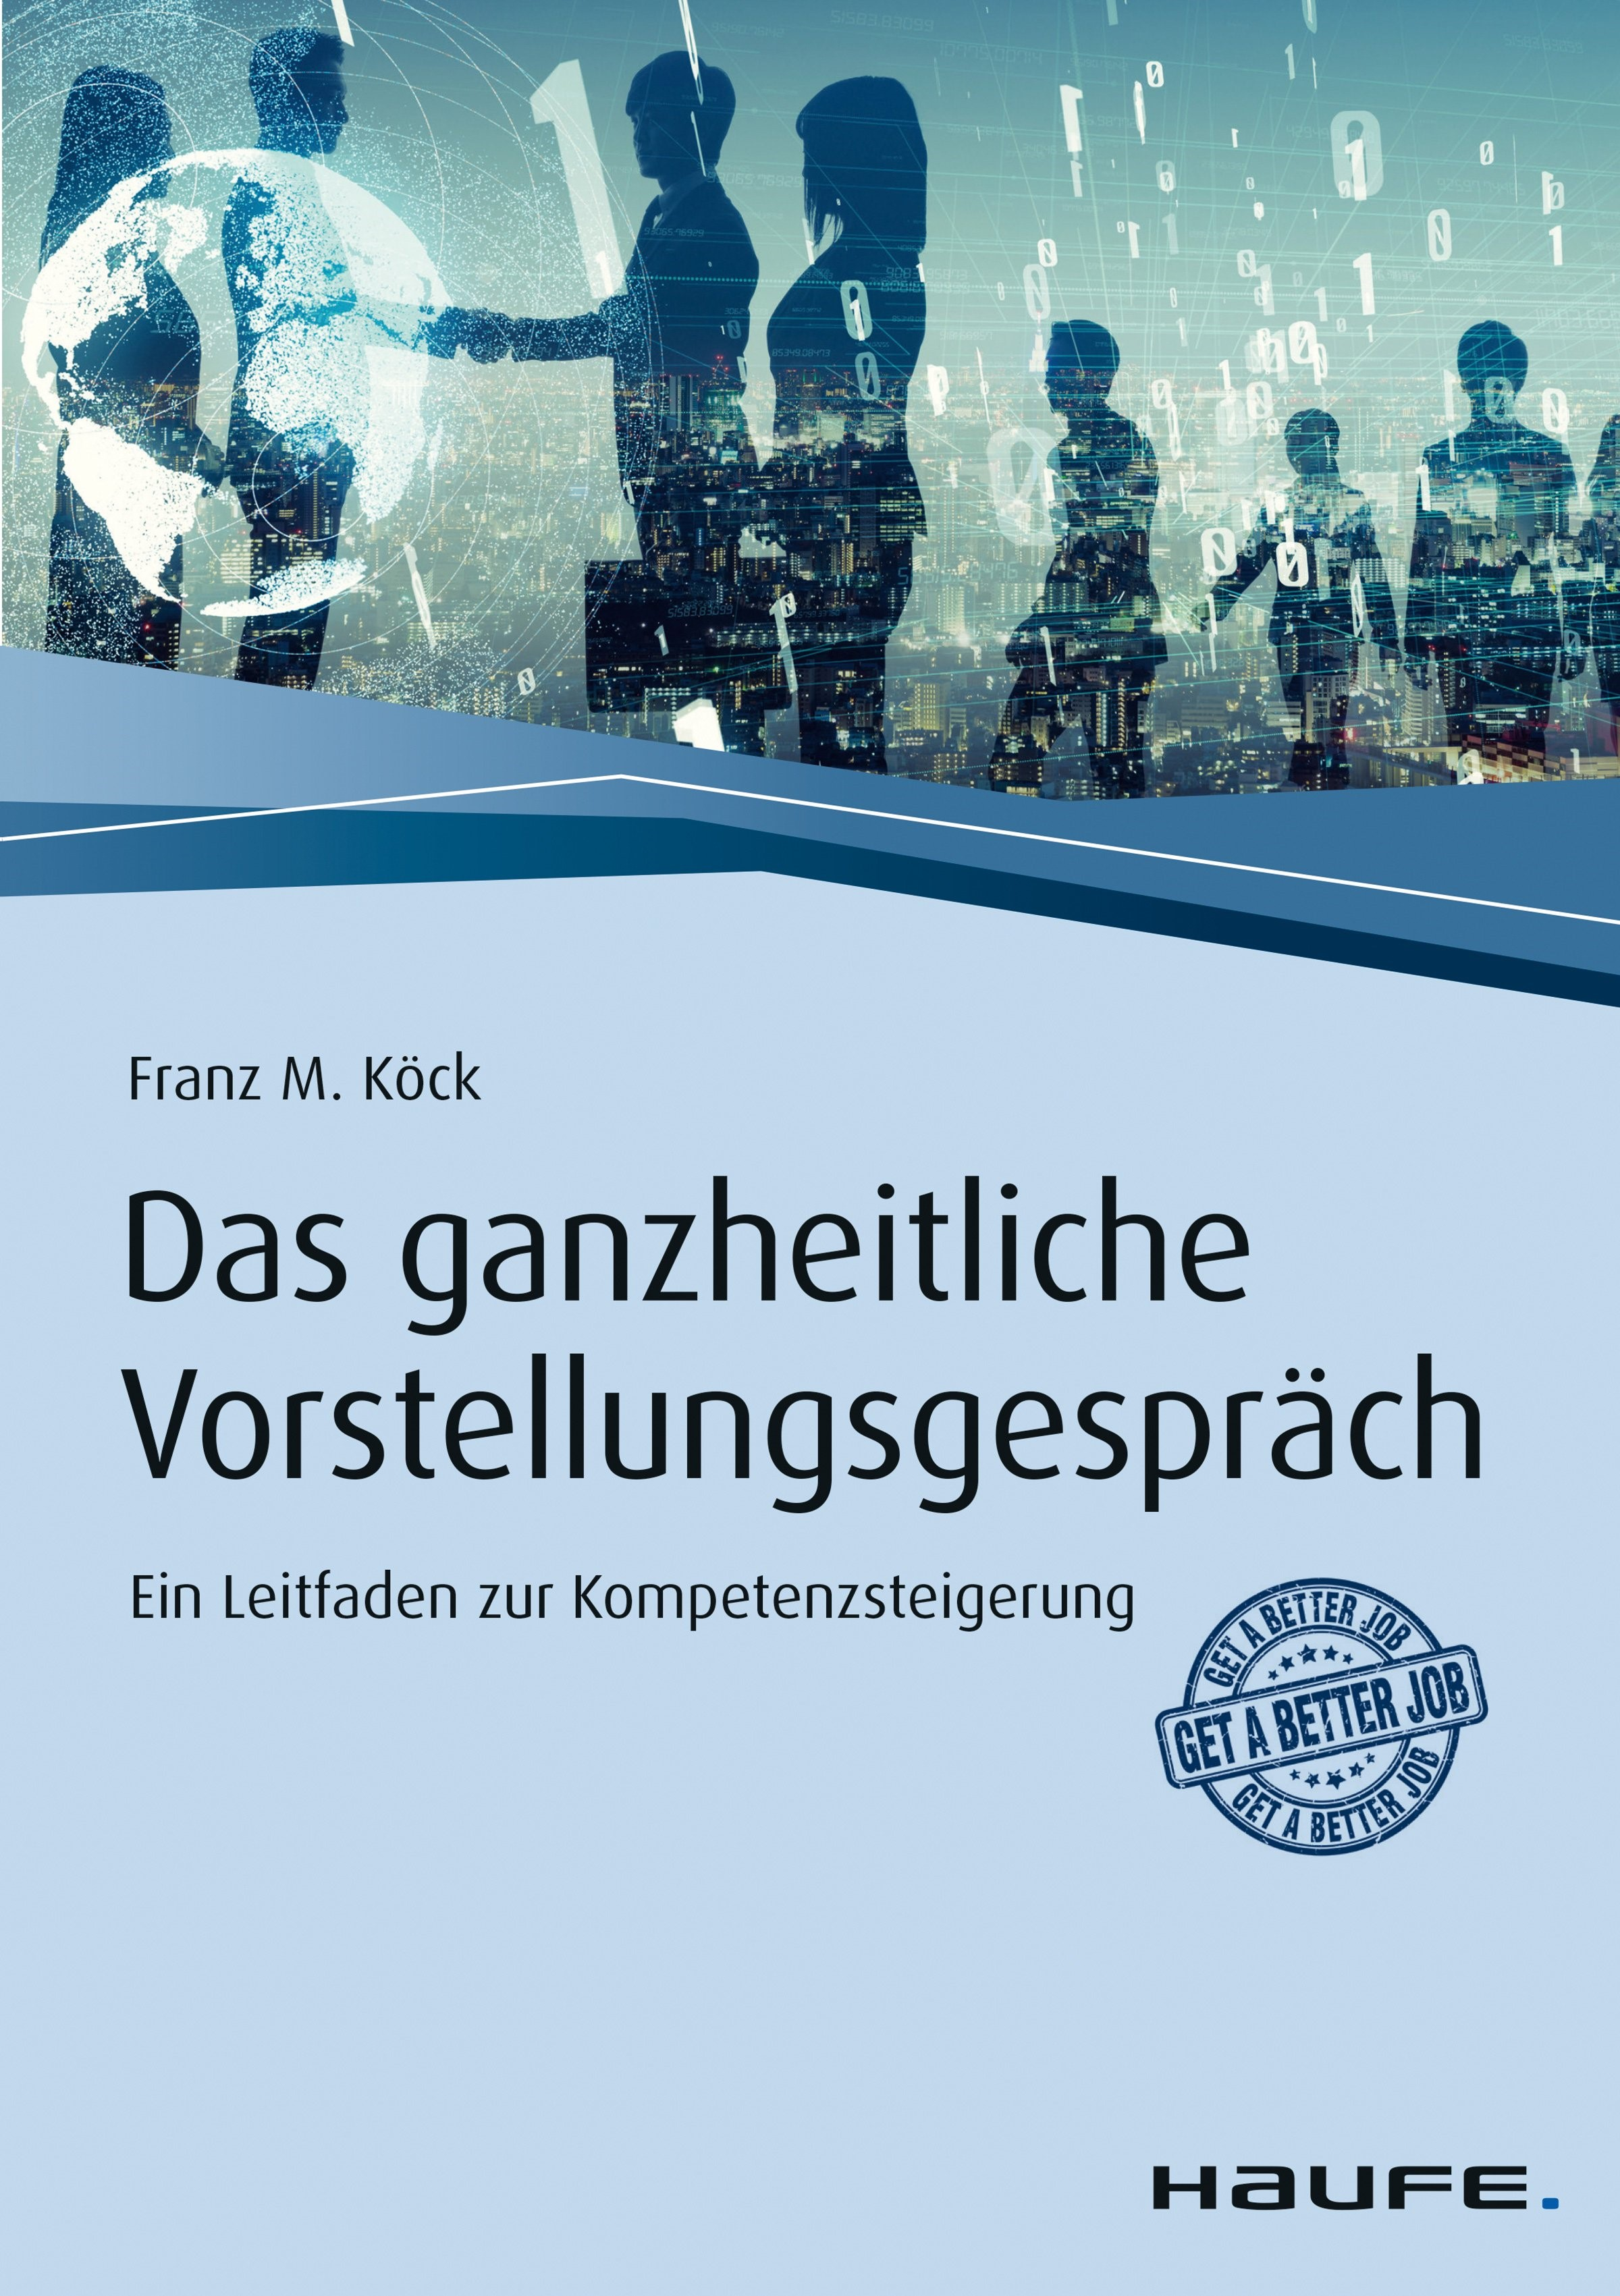 Das ganzheitliche Vorstellungsgespräch | Köck, 2019 | Buch (Cover)